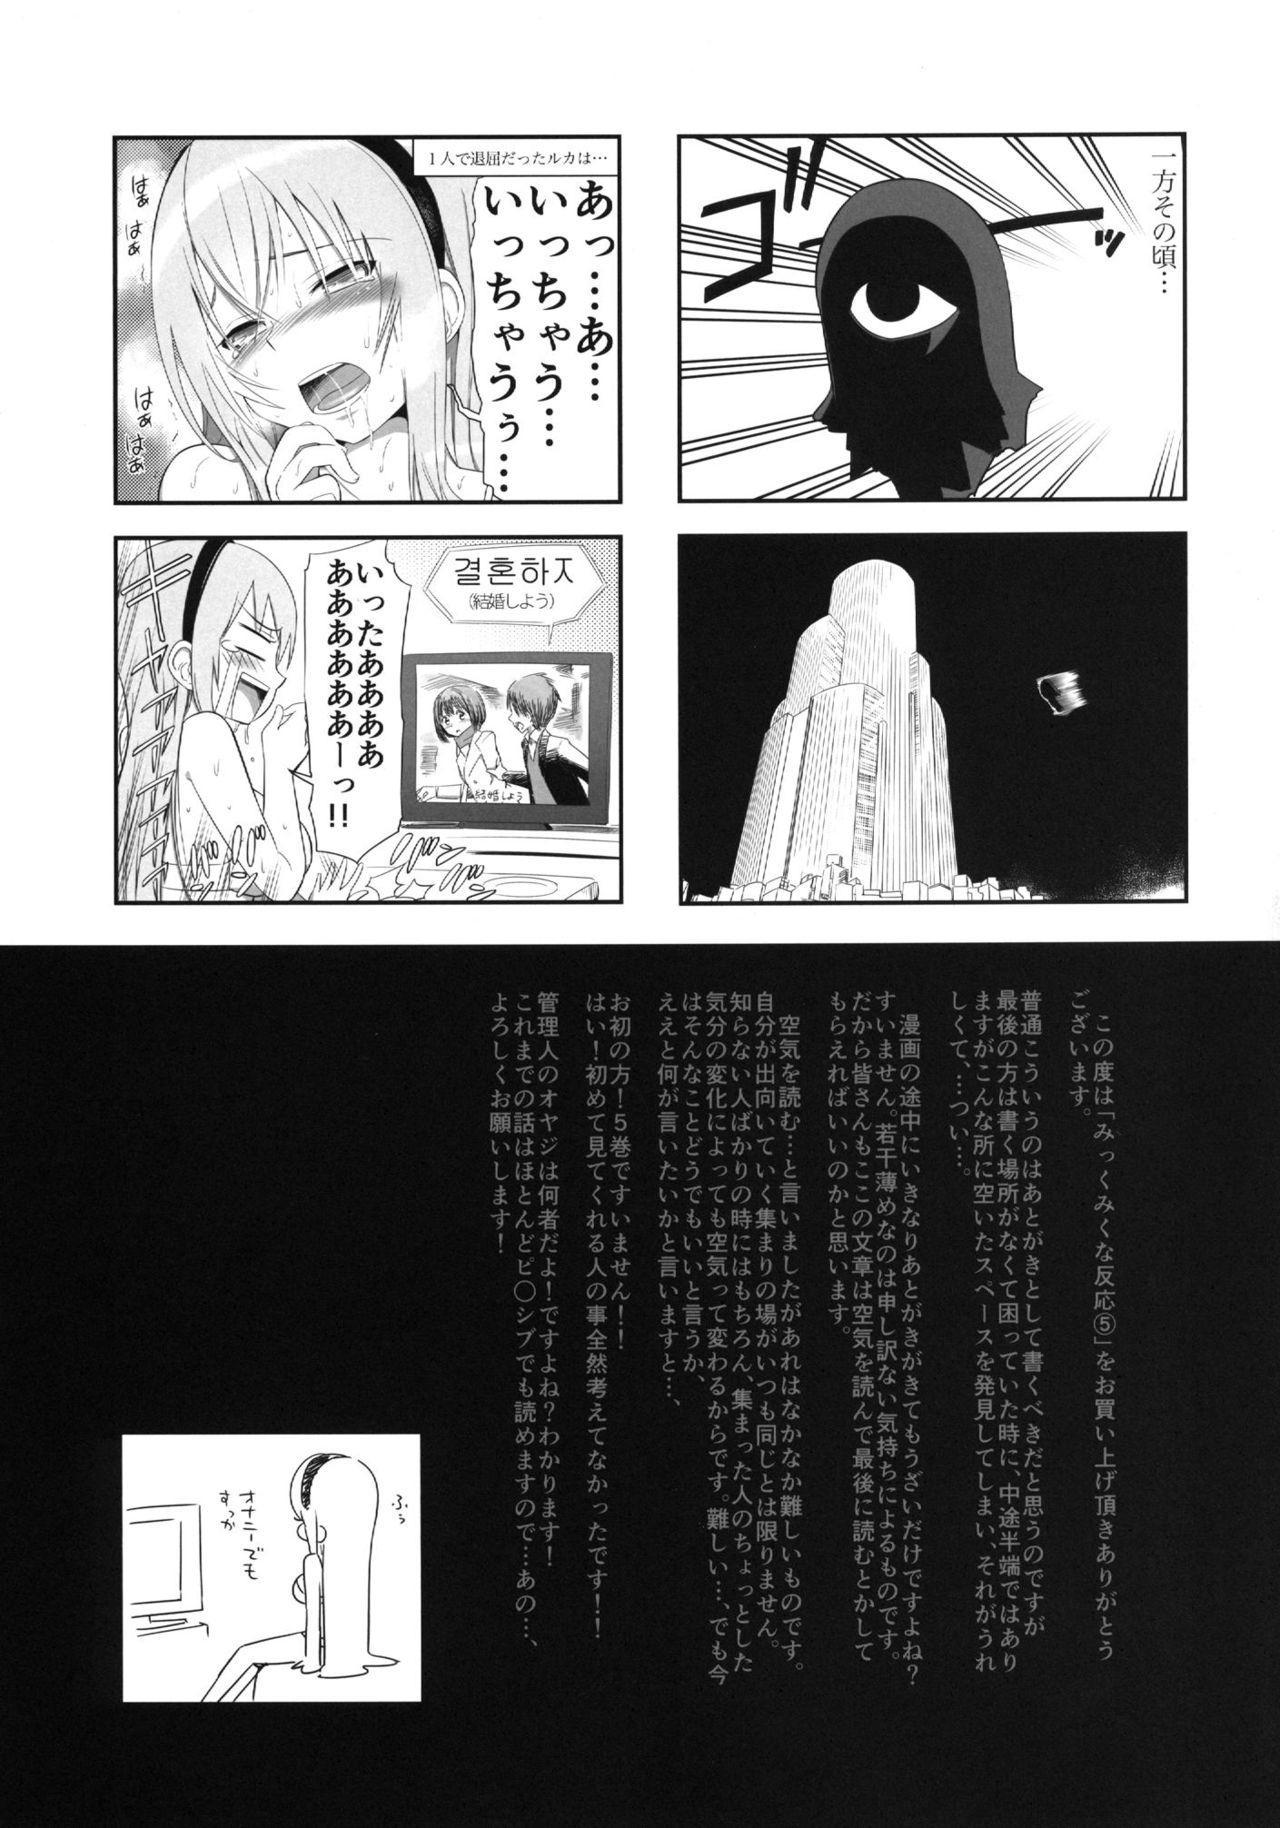 Mikkumiku na Hannou volume. 5 15